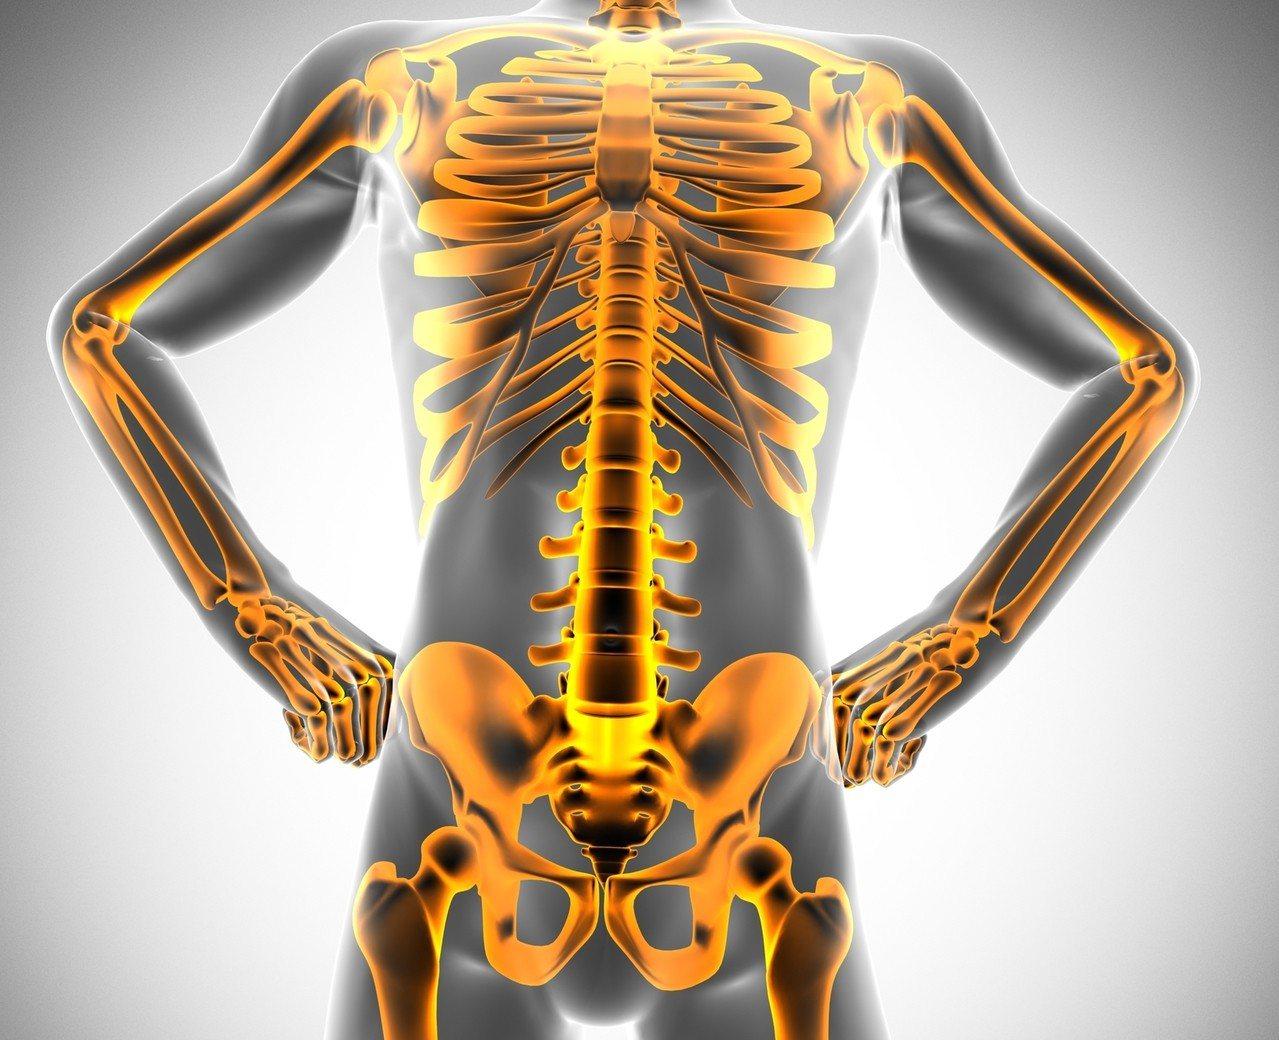 意外吞下的牙籤一路從食道緩慢移動到降結腸,全長將近9公尺,造成腹腔全爛。示意圖,...